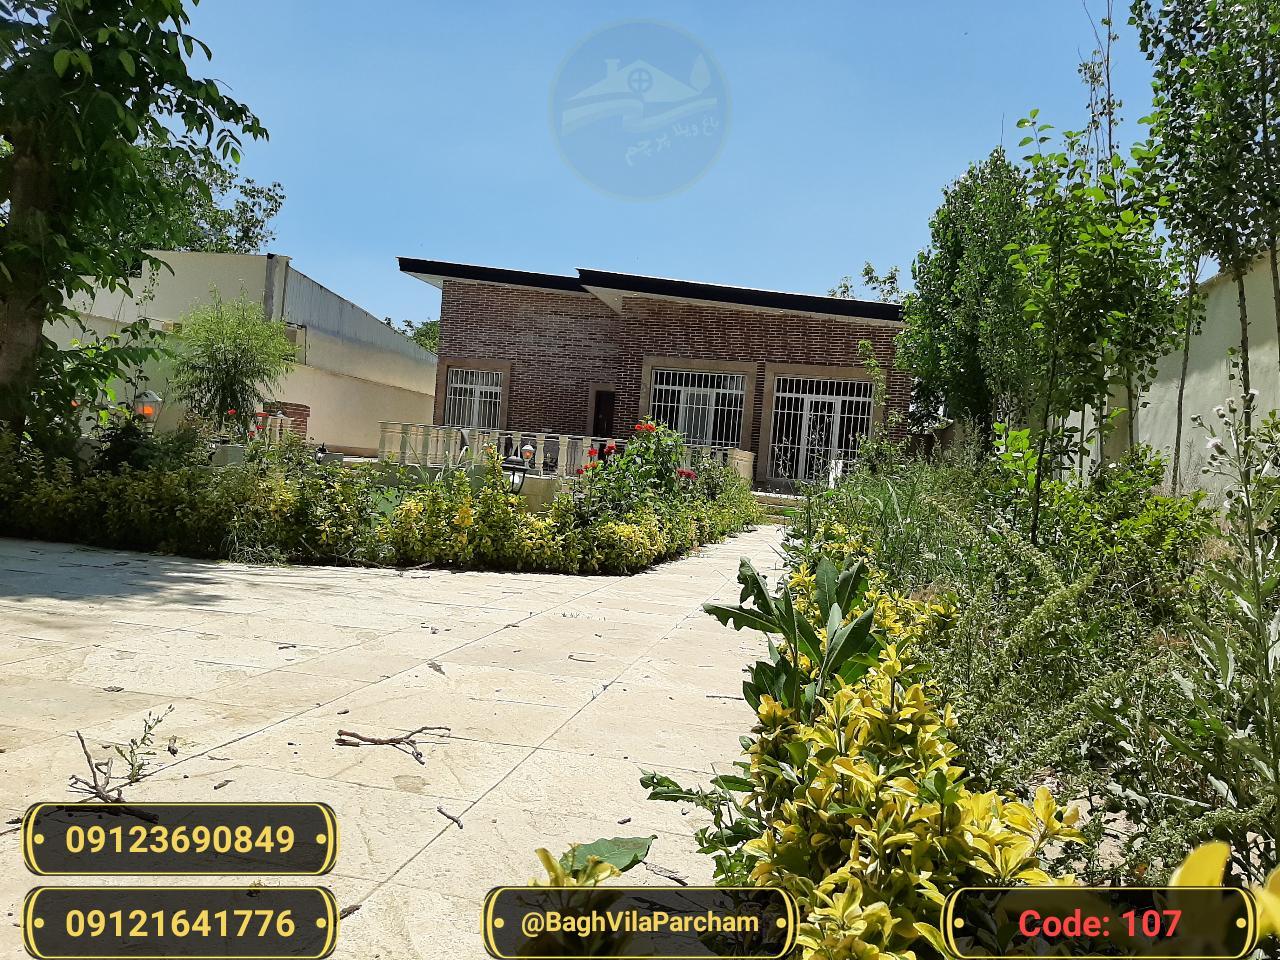 تصویر عکس باغ ویلا شماره 3 از ویلای ۵۰۰ متر ویلا Picture photo image 3 of ۵۰۰ متر ویلا